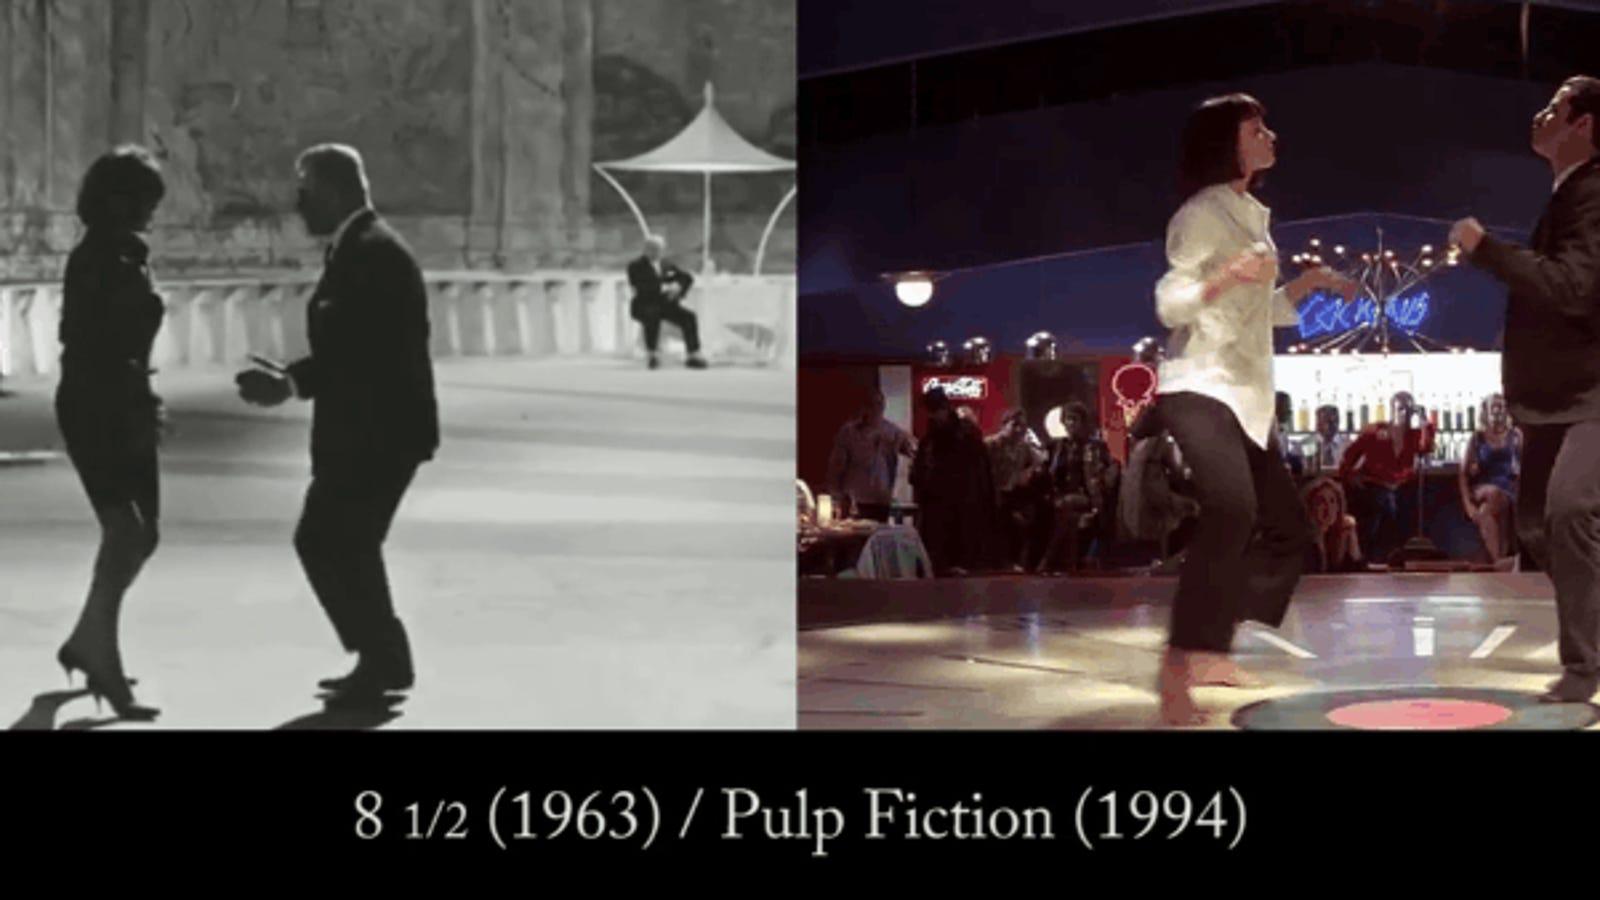 Las películas de Quentin Tarantino son un maravilloso homenaje a sus directores favoritos